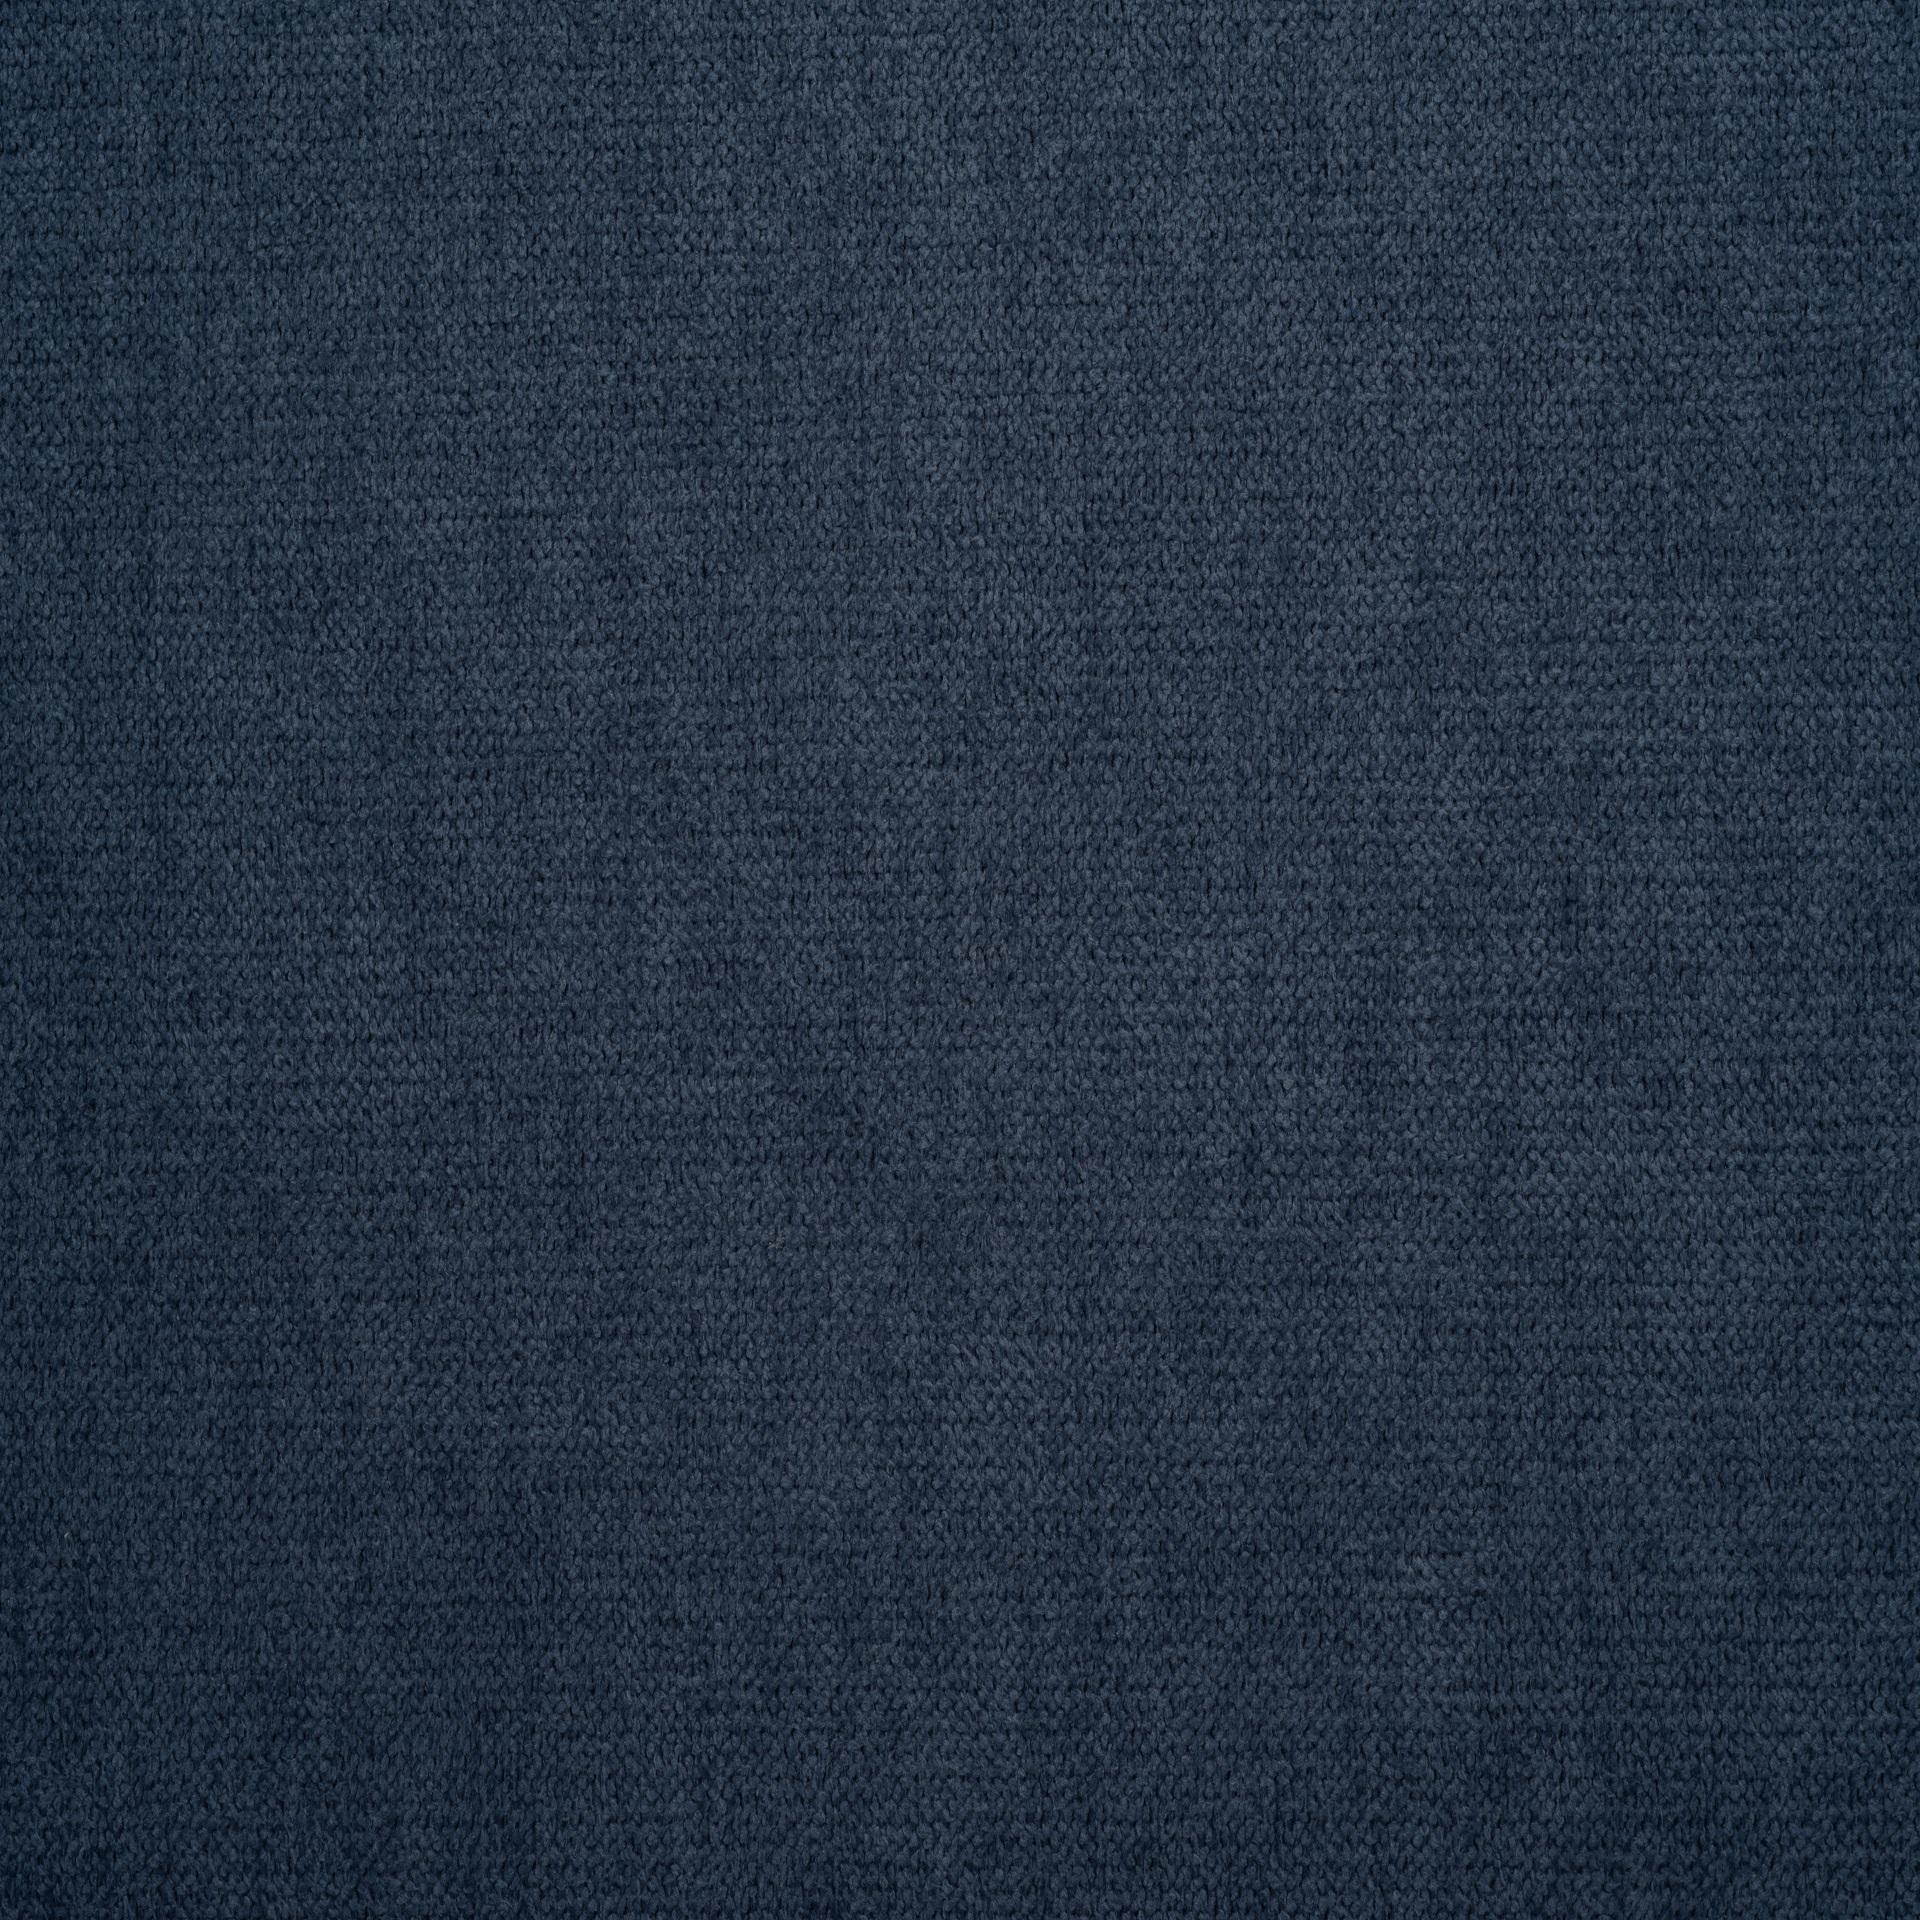 Коллекция ткани Аляска 11 POSEIDON,  купить ткань Жаккард для мебели Украина